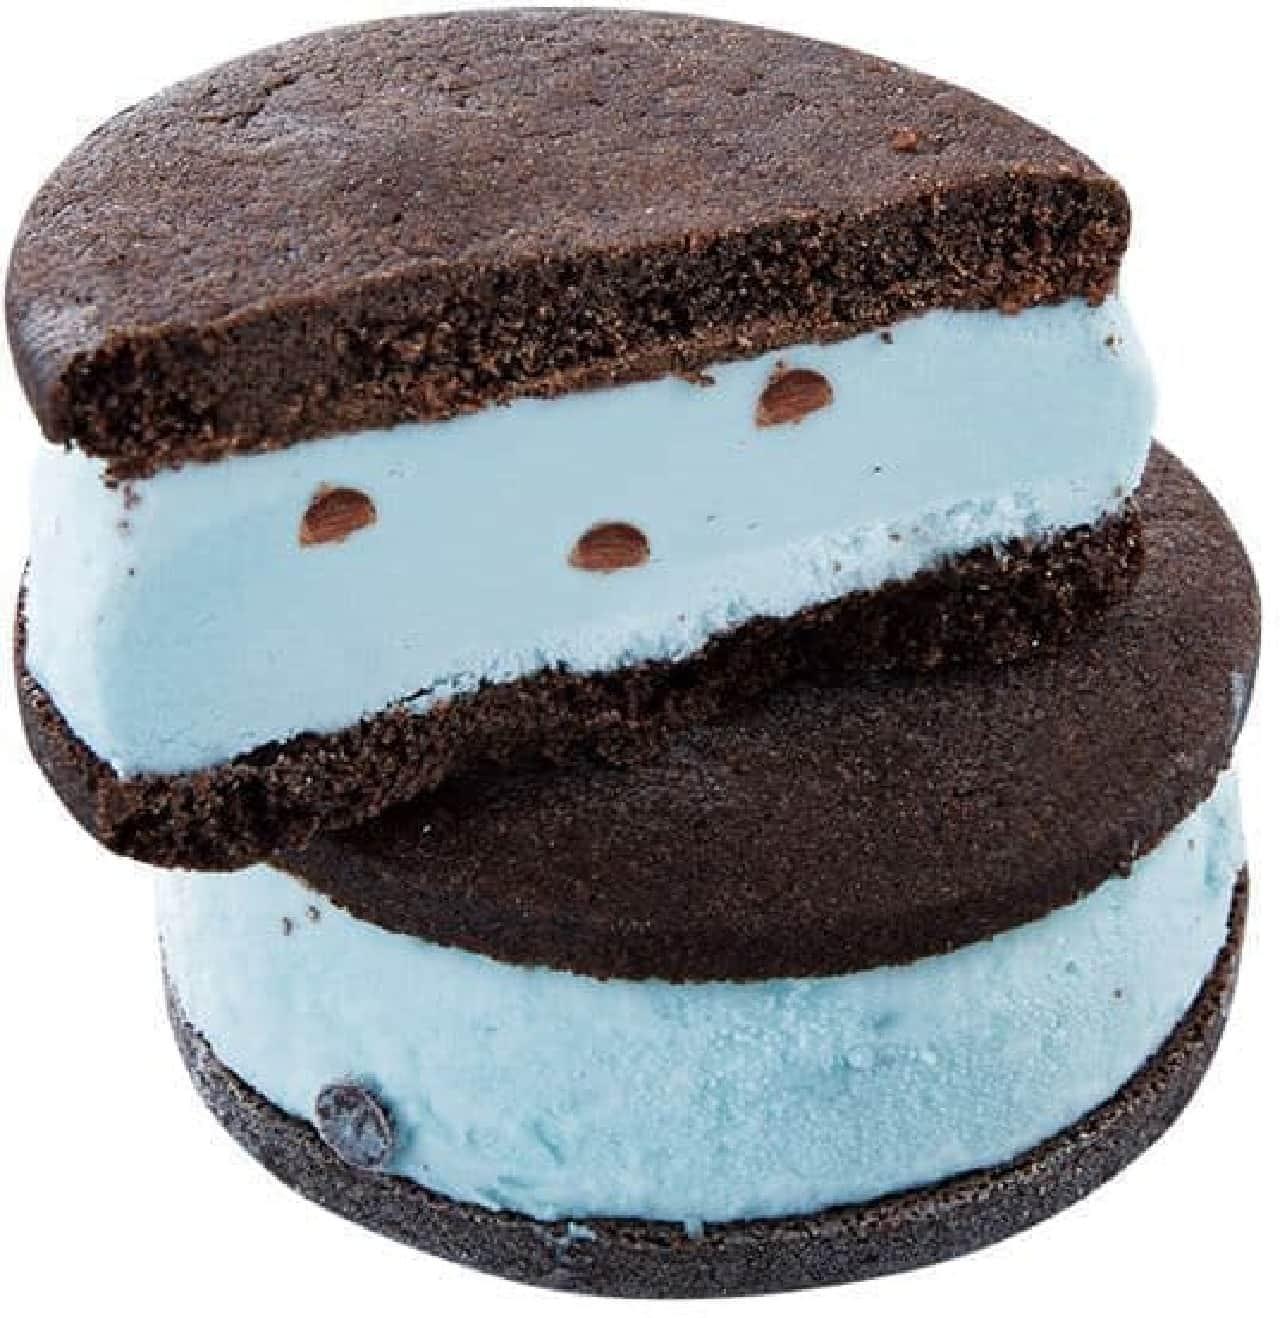 シャトレーゼ「ココア香るクッキーサンドアイスチョコミント」